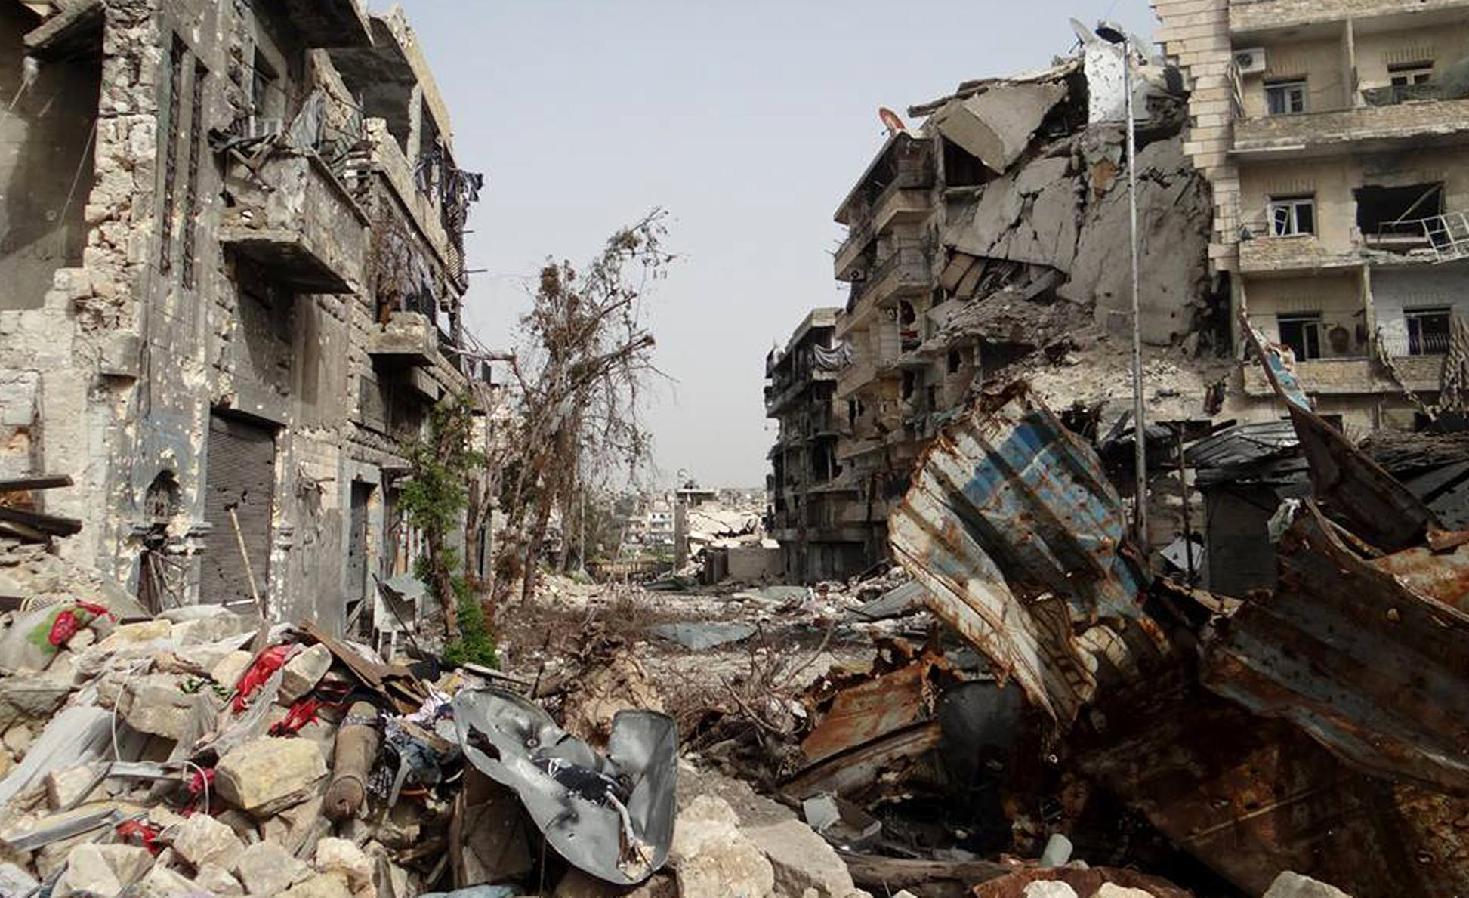 http://www.archiviopenale.it/apw/wp-content/uploads/2014/05/aleppo-siria-cristiani-islam.jpg